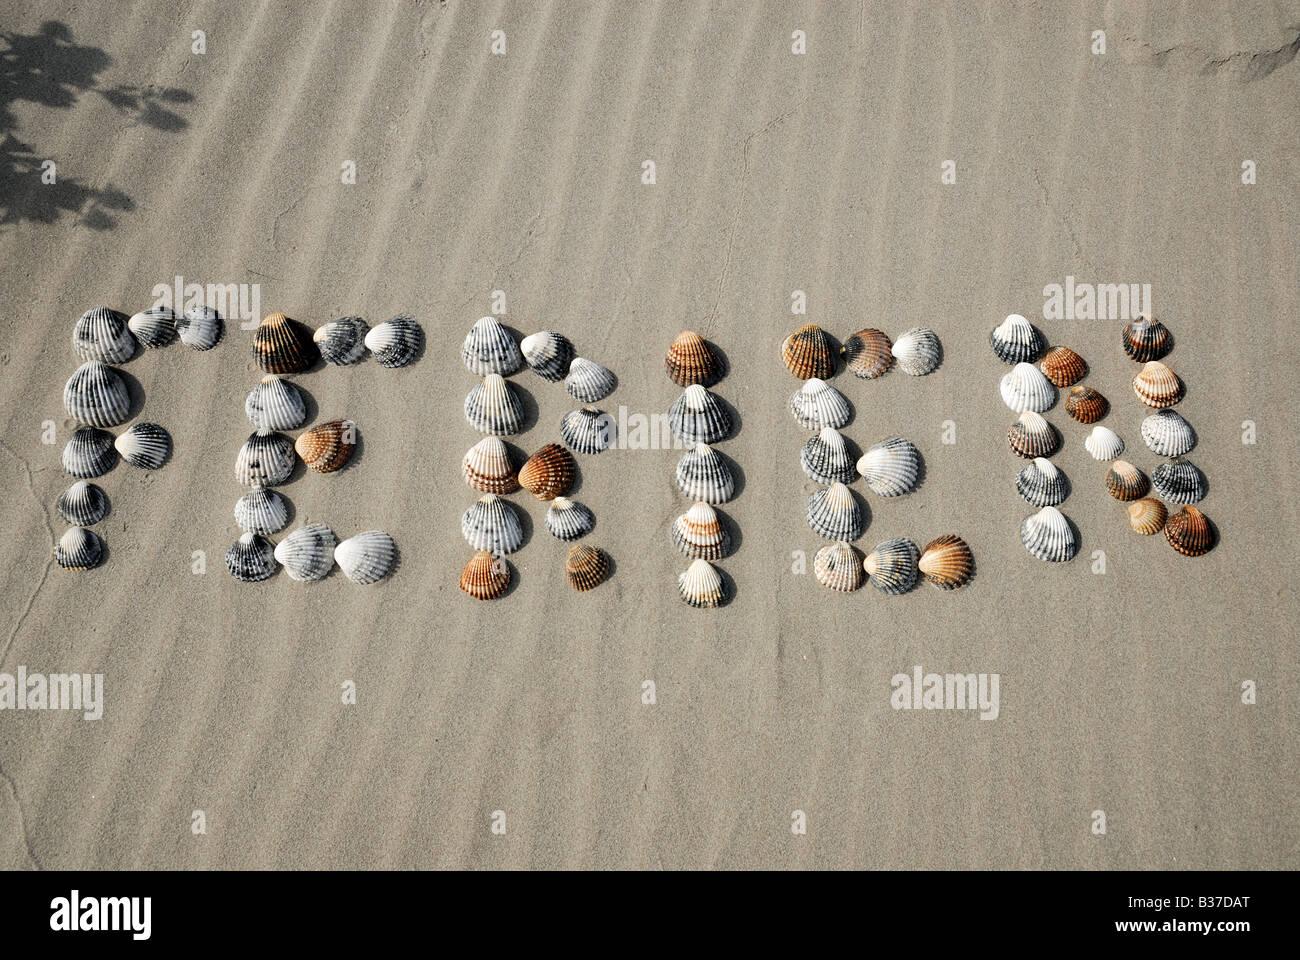 Das Wort Ferien - Deutsch für Urlaub, gemacht von Muscheln am Strand Stockbild